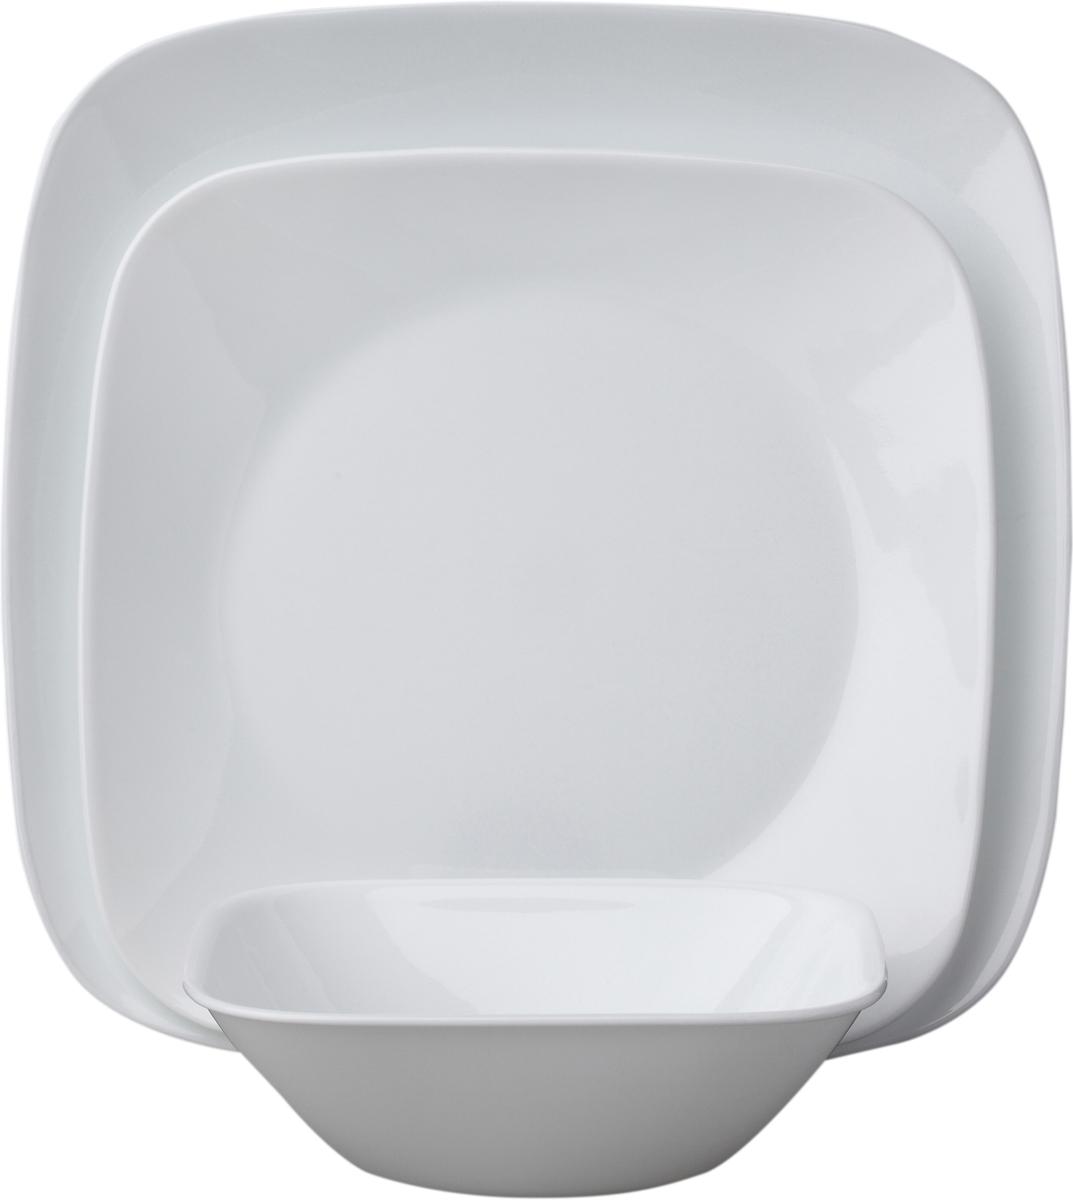 Набор посуды Corelle Pure White, цвет: белый, 18 предметов. 1088641JY-S-19-10Коллекция Corelle Square - очень прочная стеклянная посуда квадратной формы с округленными краями и круглой внутренней частью для удобного использования. Посуда такой оригинальной формы подойдет и для ежедневного использования и для праздников. Серия посуды Corelle Square Pure White - это новая форма американской классики. Дизайн посуды создан студией Levien of London. Набор посуды Pure White состоит из: -тарелка обеденная, 26 см - 6 шт;-тарелка закусочная, 22 см - 6 шт;-тарелка суповая, 650 мл - 6 шт.